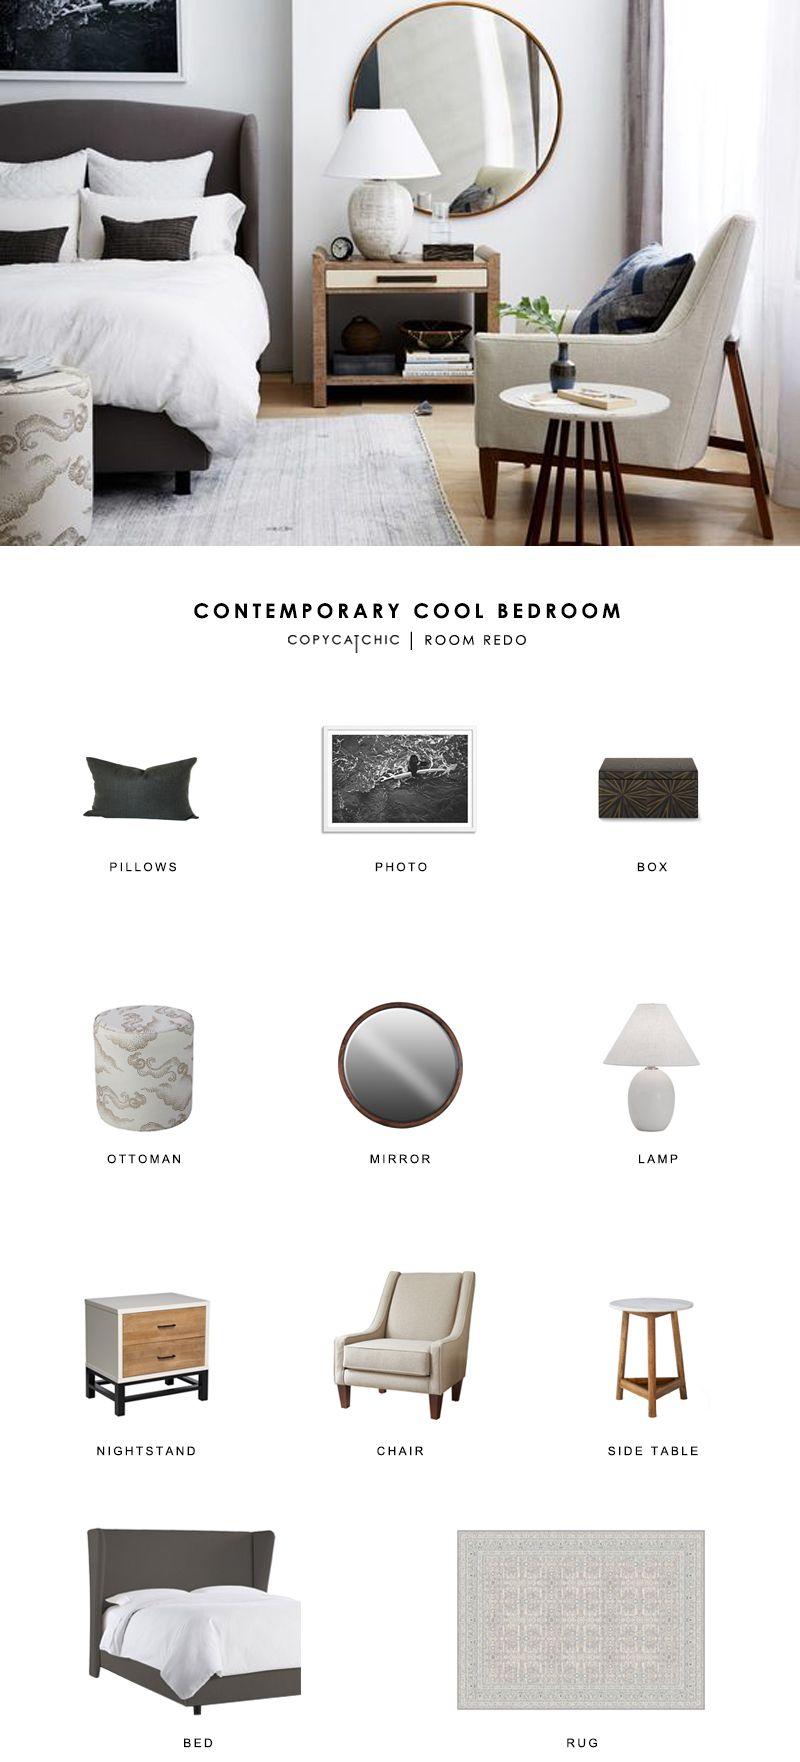 Copy Cat Chic Room Redo   Contemporary Cool Bedroom - copycatchic